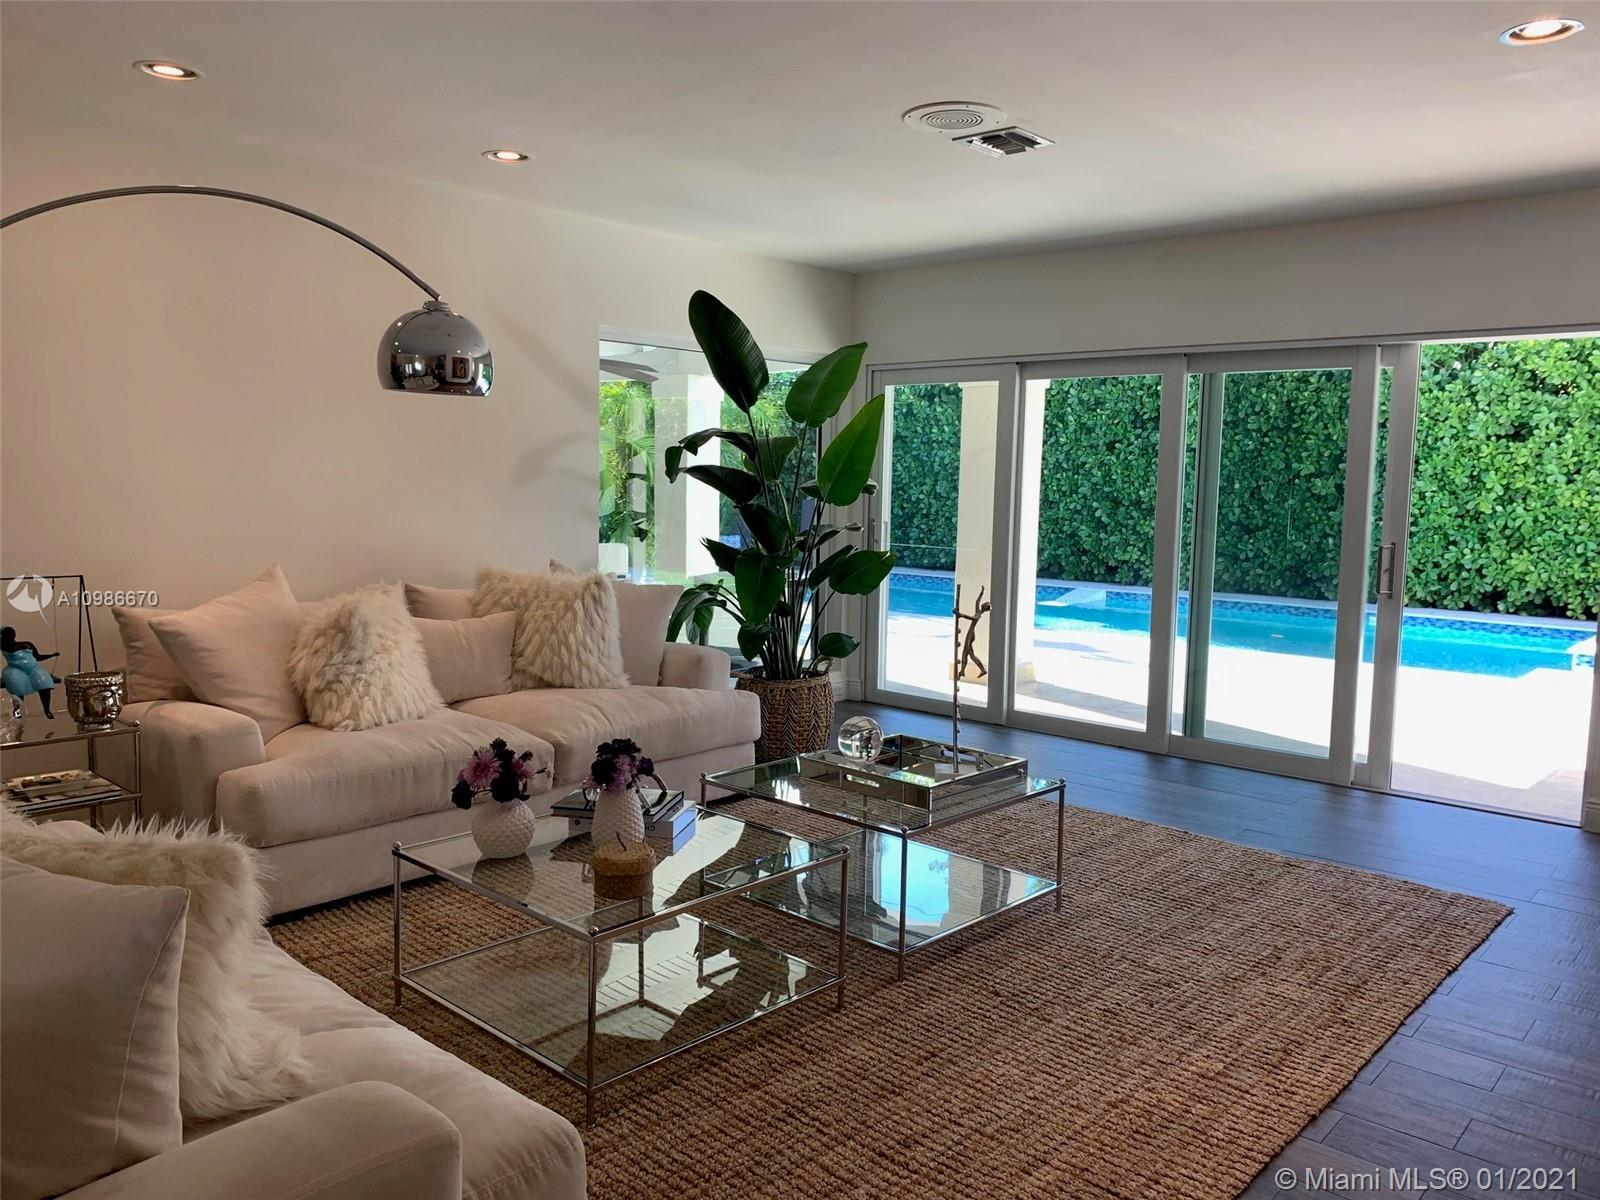 Tropical Isle Homes - 412 Ridgewood Rd, Key Biscayne, FL 33149